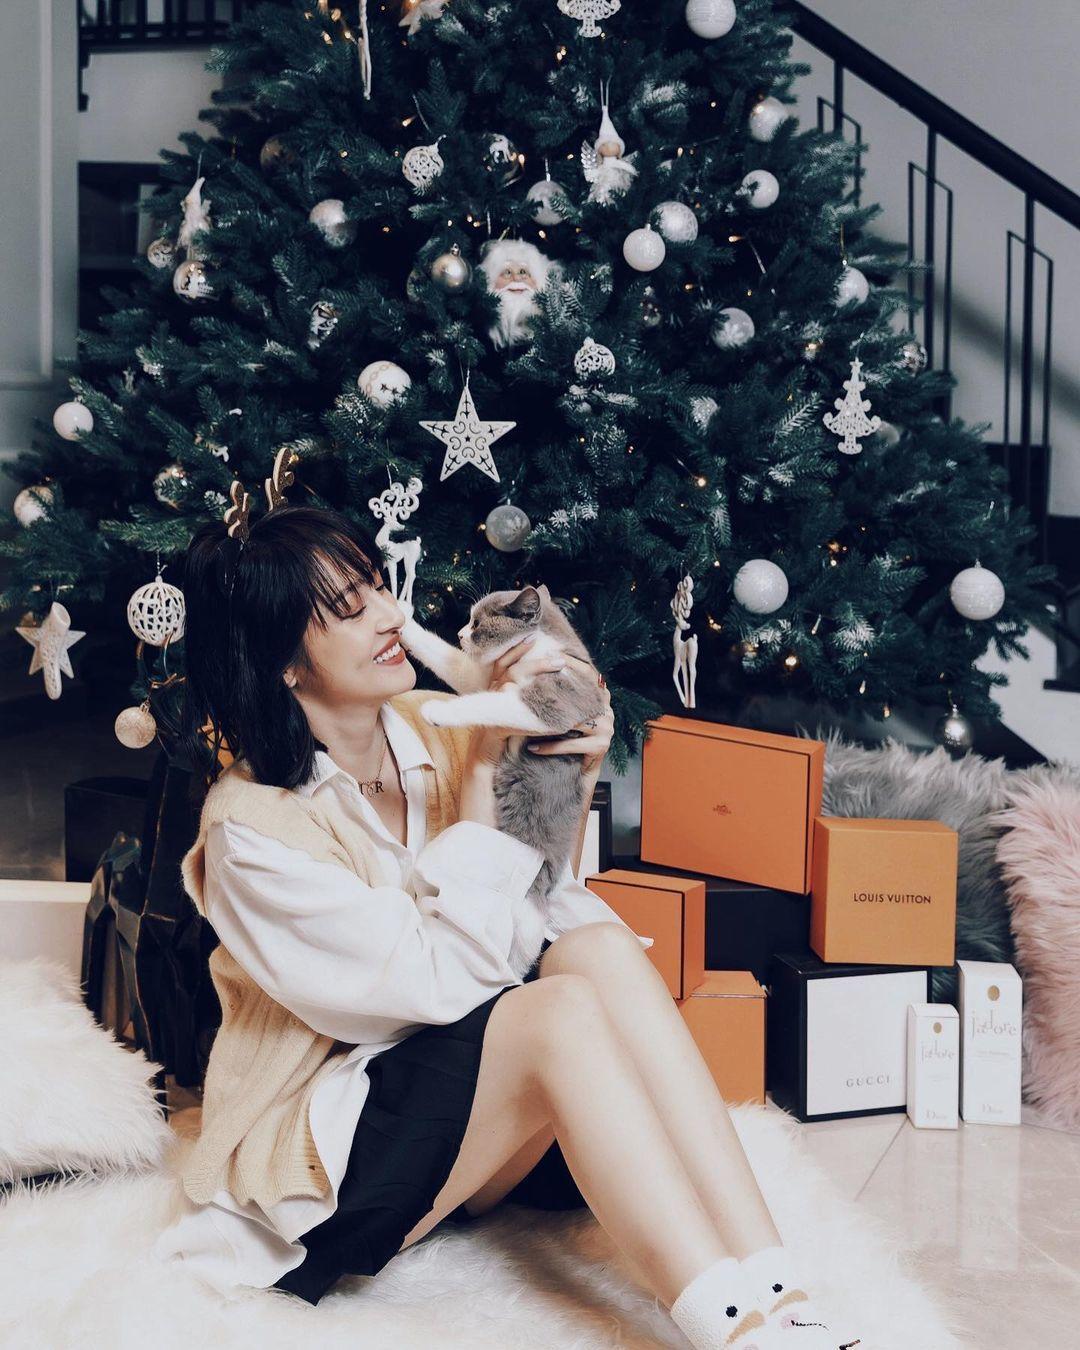 Diva Hồng Nhung tuổi 50 vẫn trẻ trung, ấn tượng